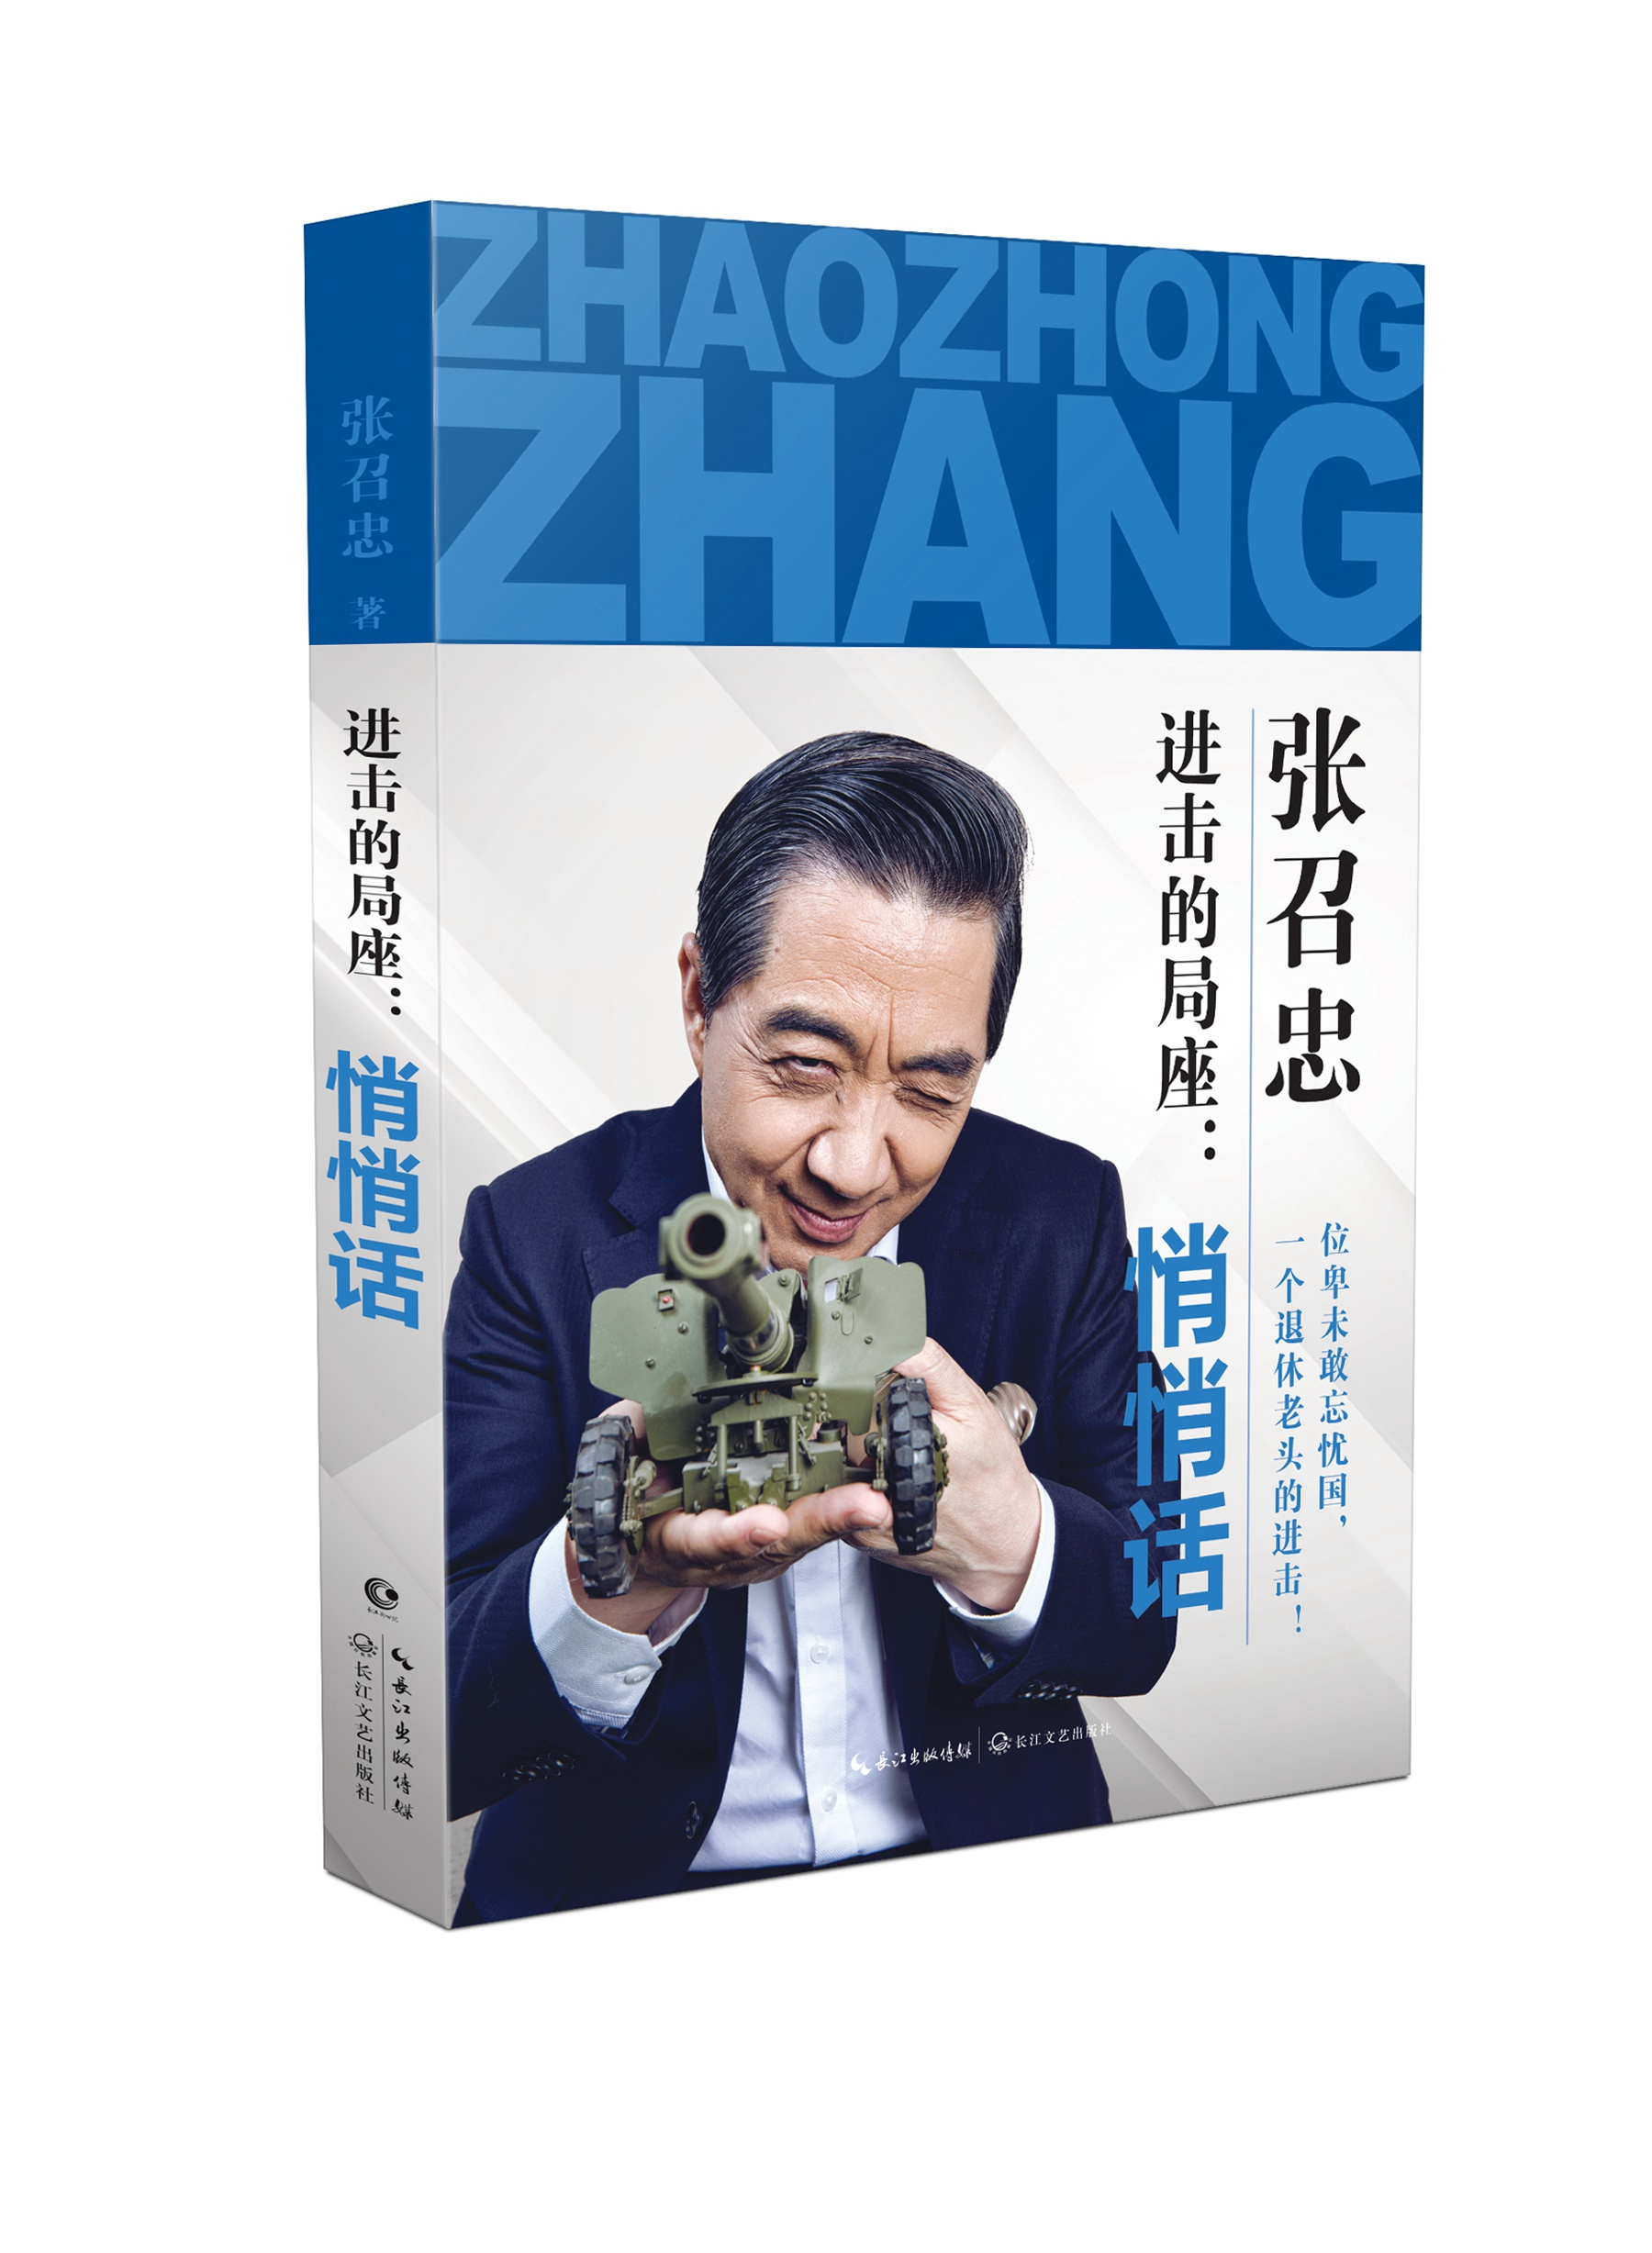 张召忠b站_张召忠将军退休后首部作品《进击的局座:悄悄话》出版_凤凰读书